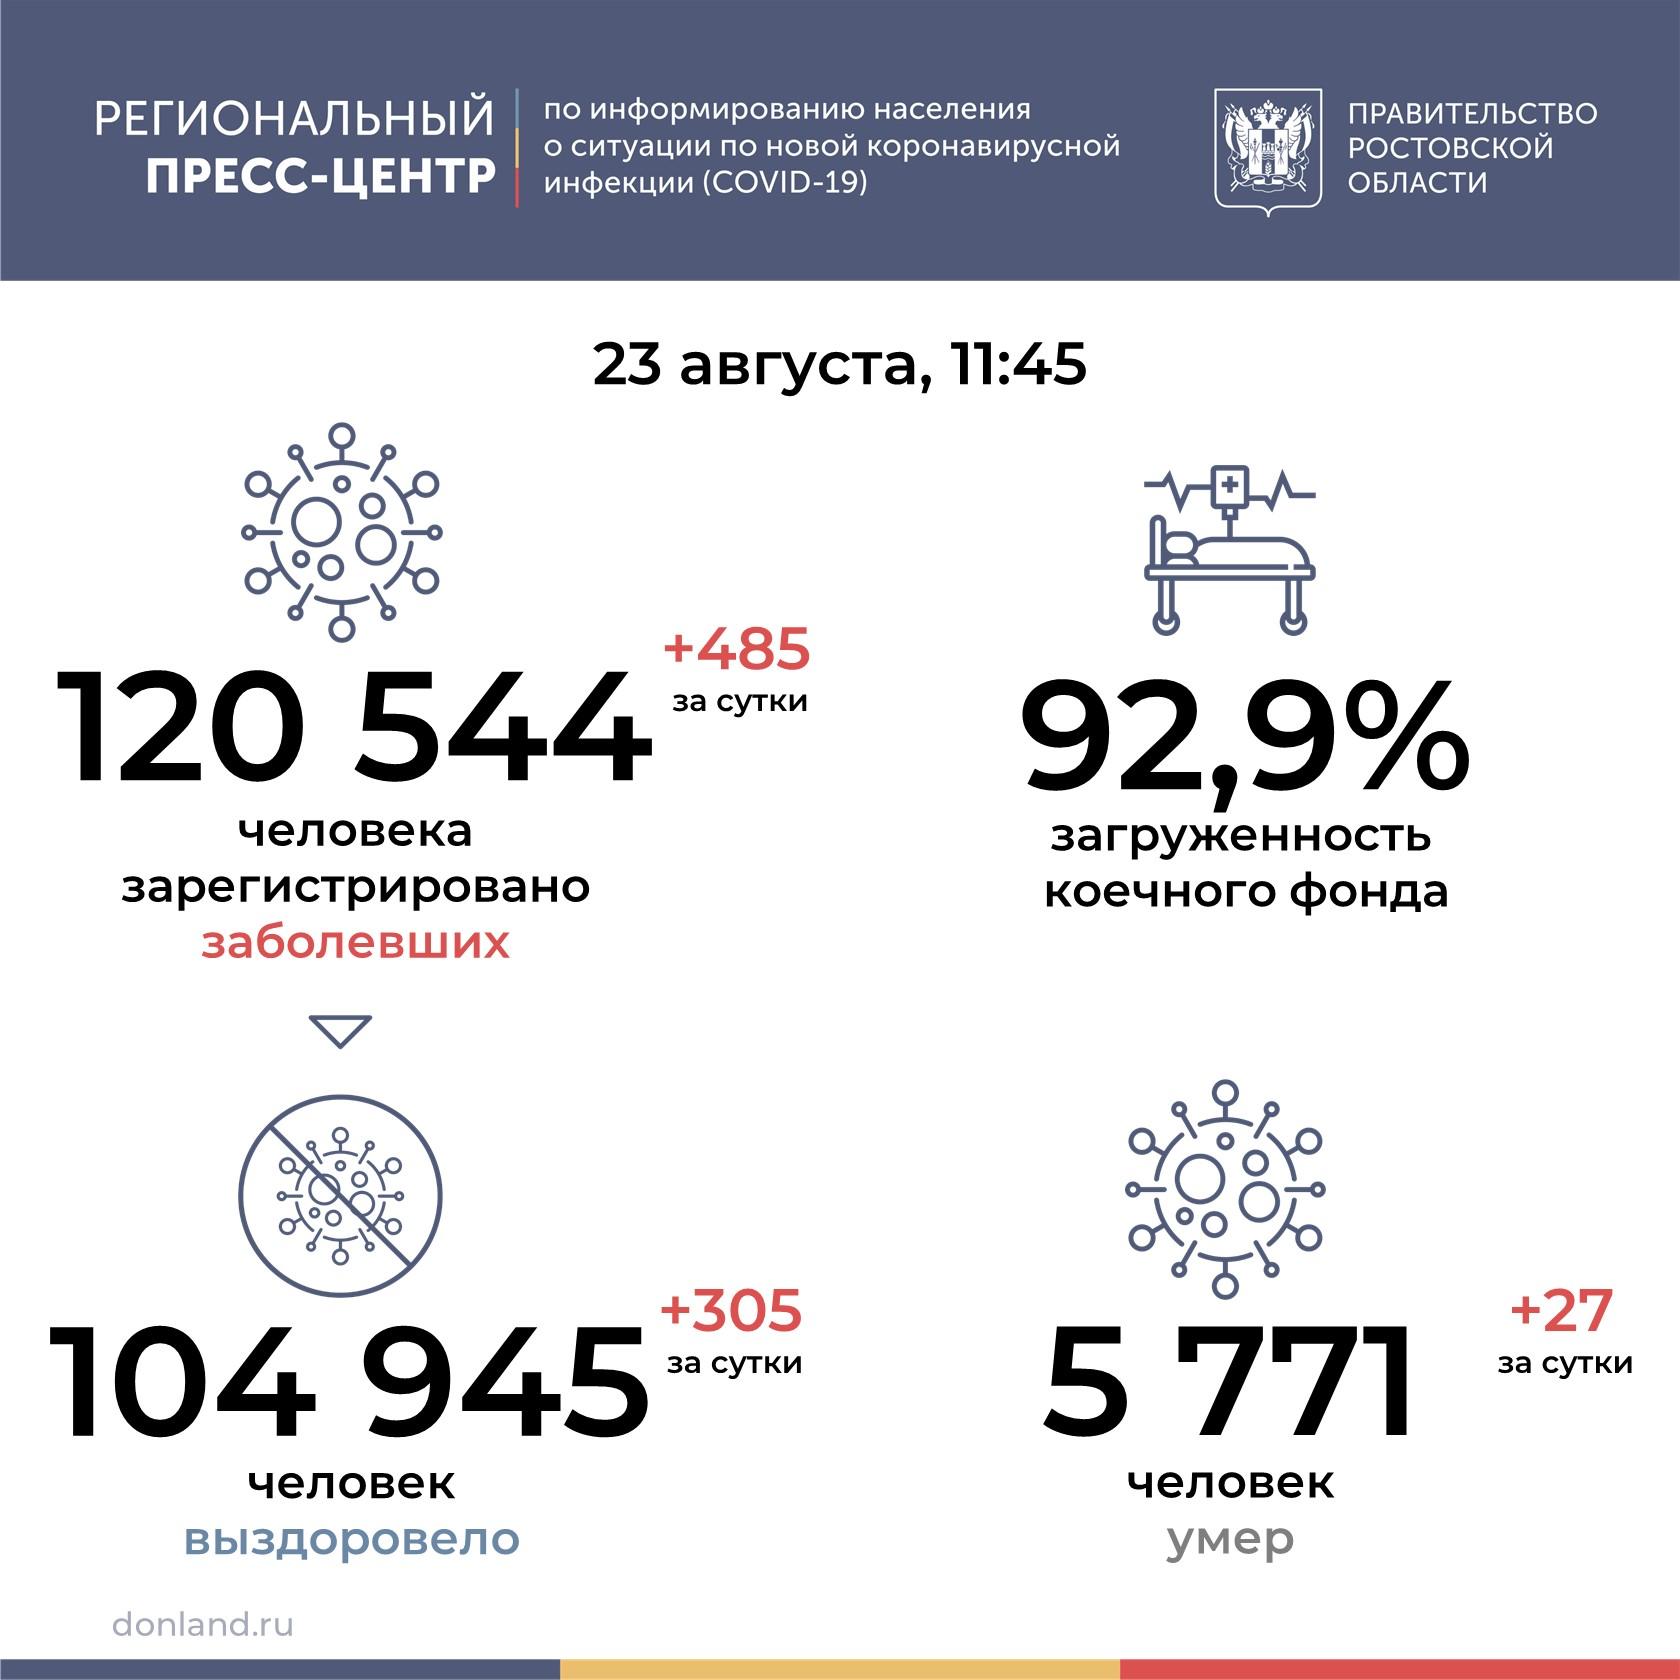 В Ростовской области от COVID-19 умерли 27 человек